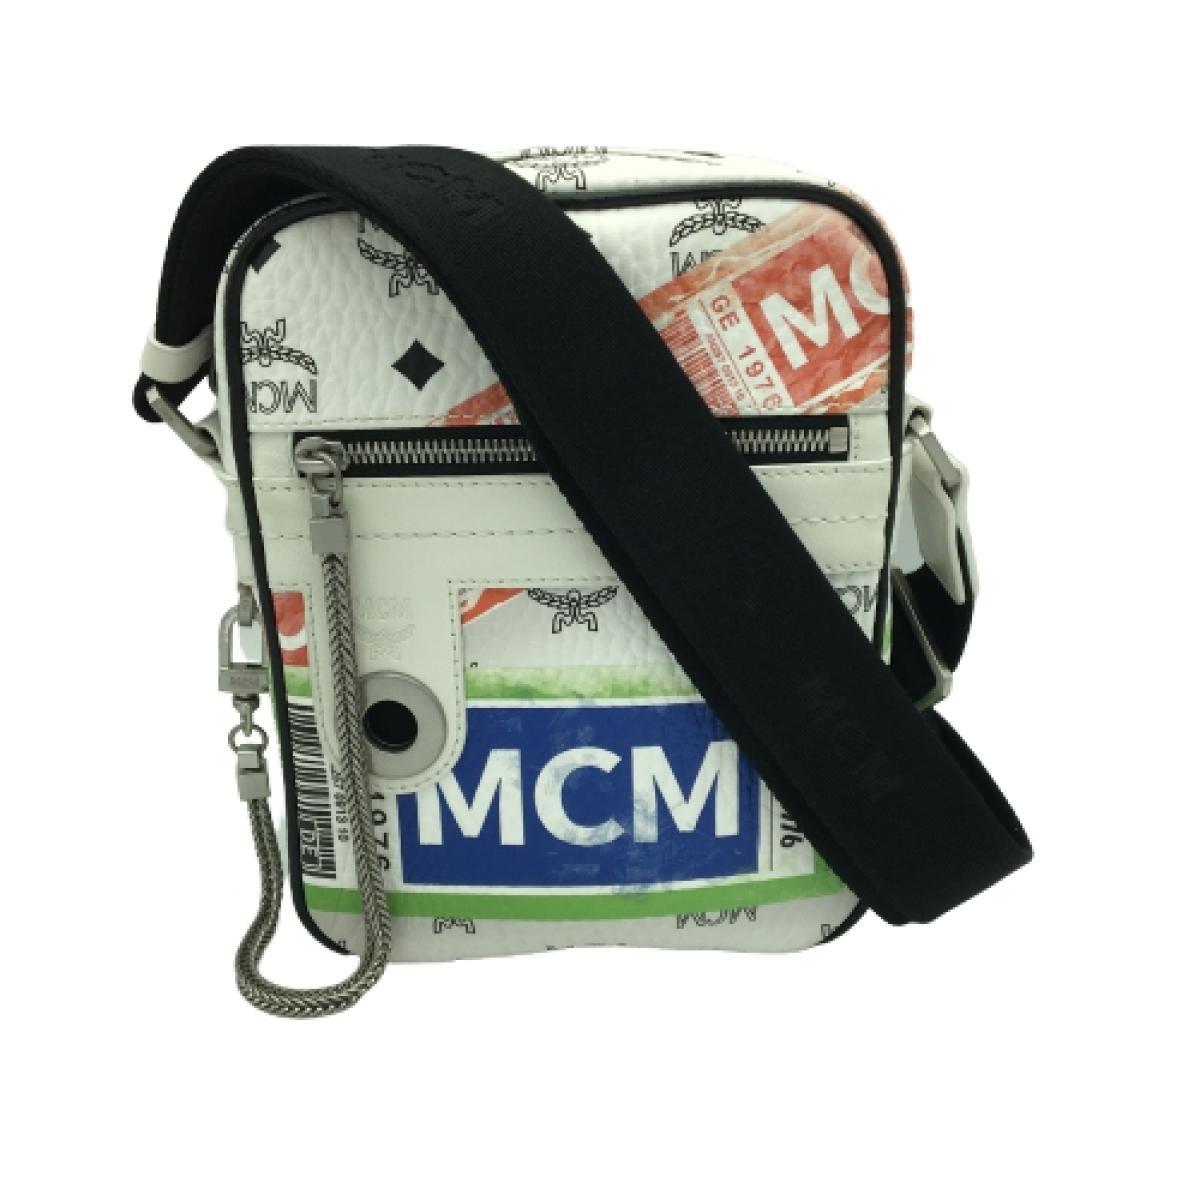 MCM(エムシーエム)/ショルダーバッグ フライトプリント/ウエストバッグ/白系/レザー/【ランクB】【中古】